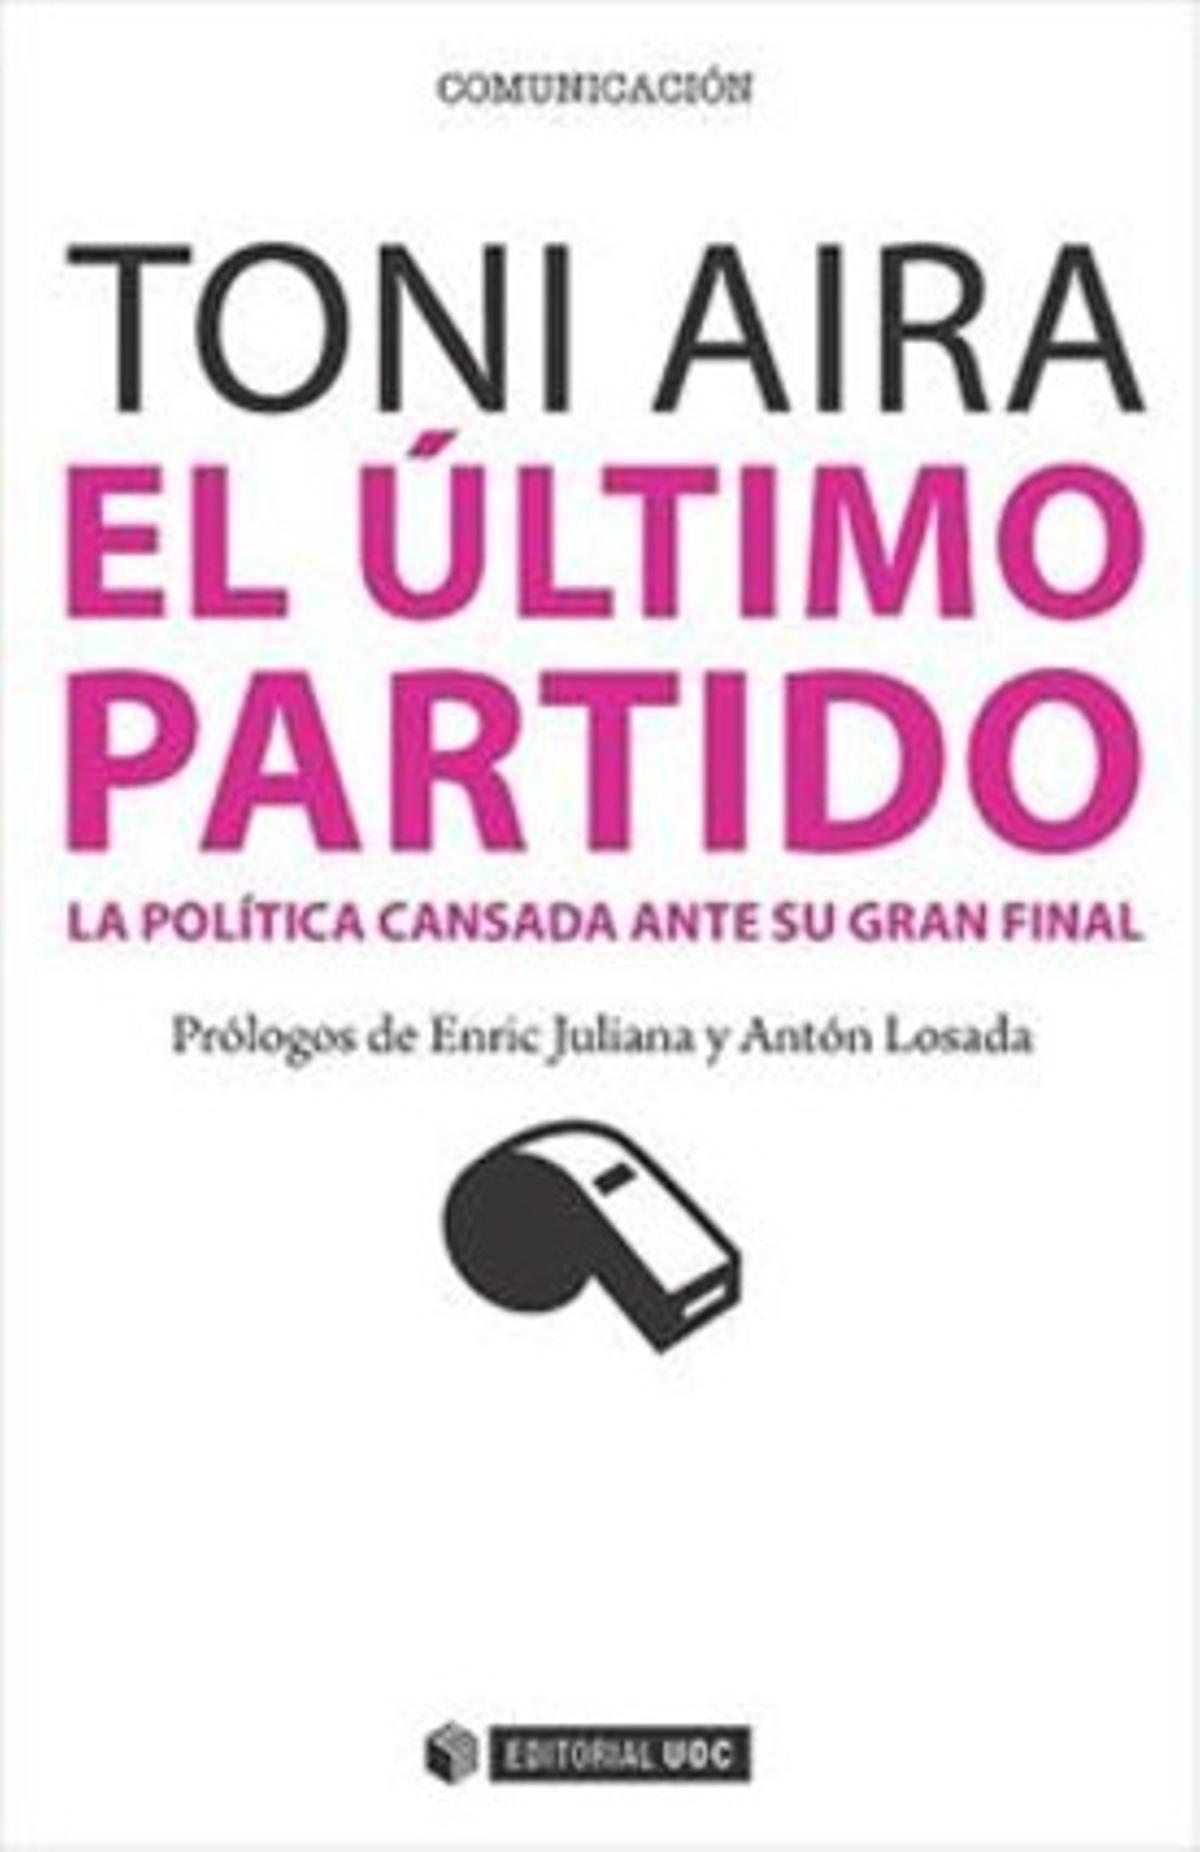 llaveros parlamentarios.  La mayordomía del Parlament, con las llaves de los grupos políticos, una imagen del libro '1 día 1 foto'.